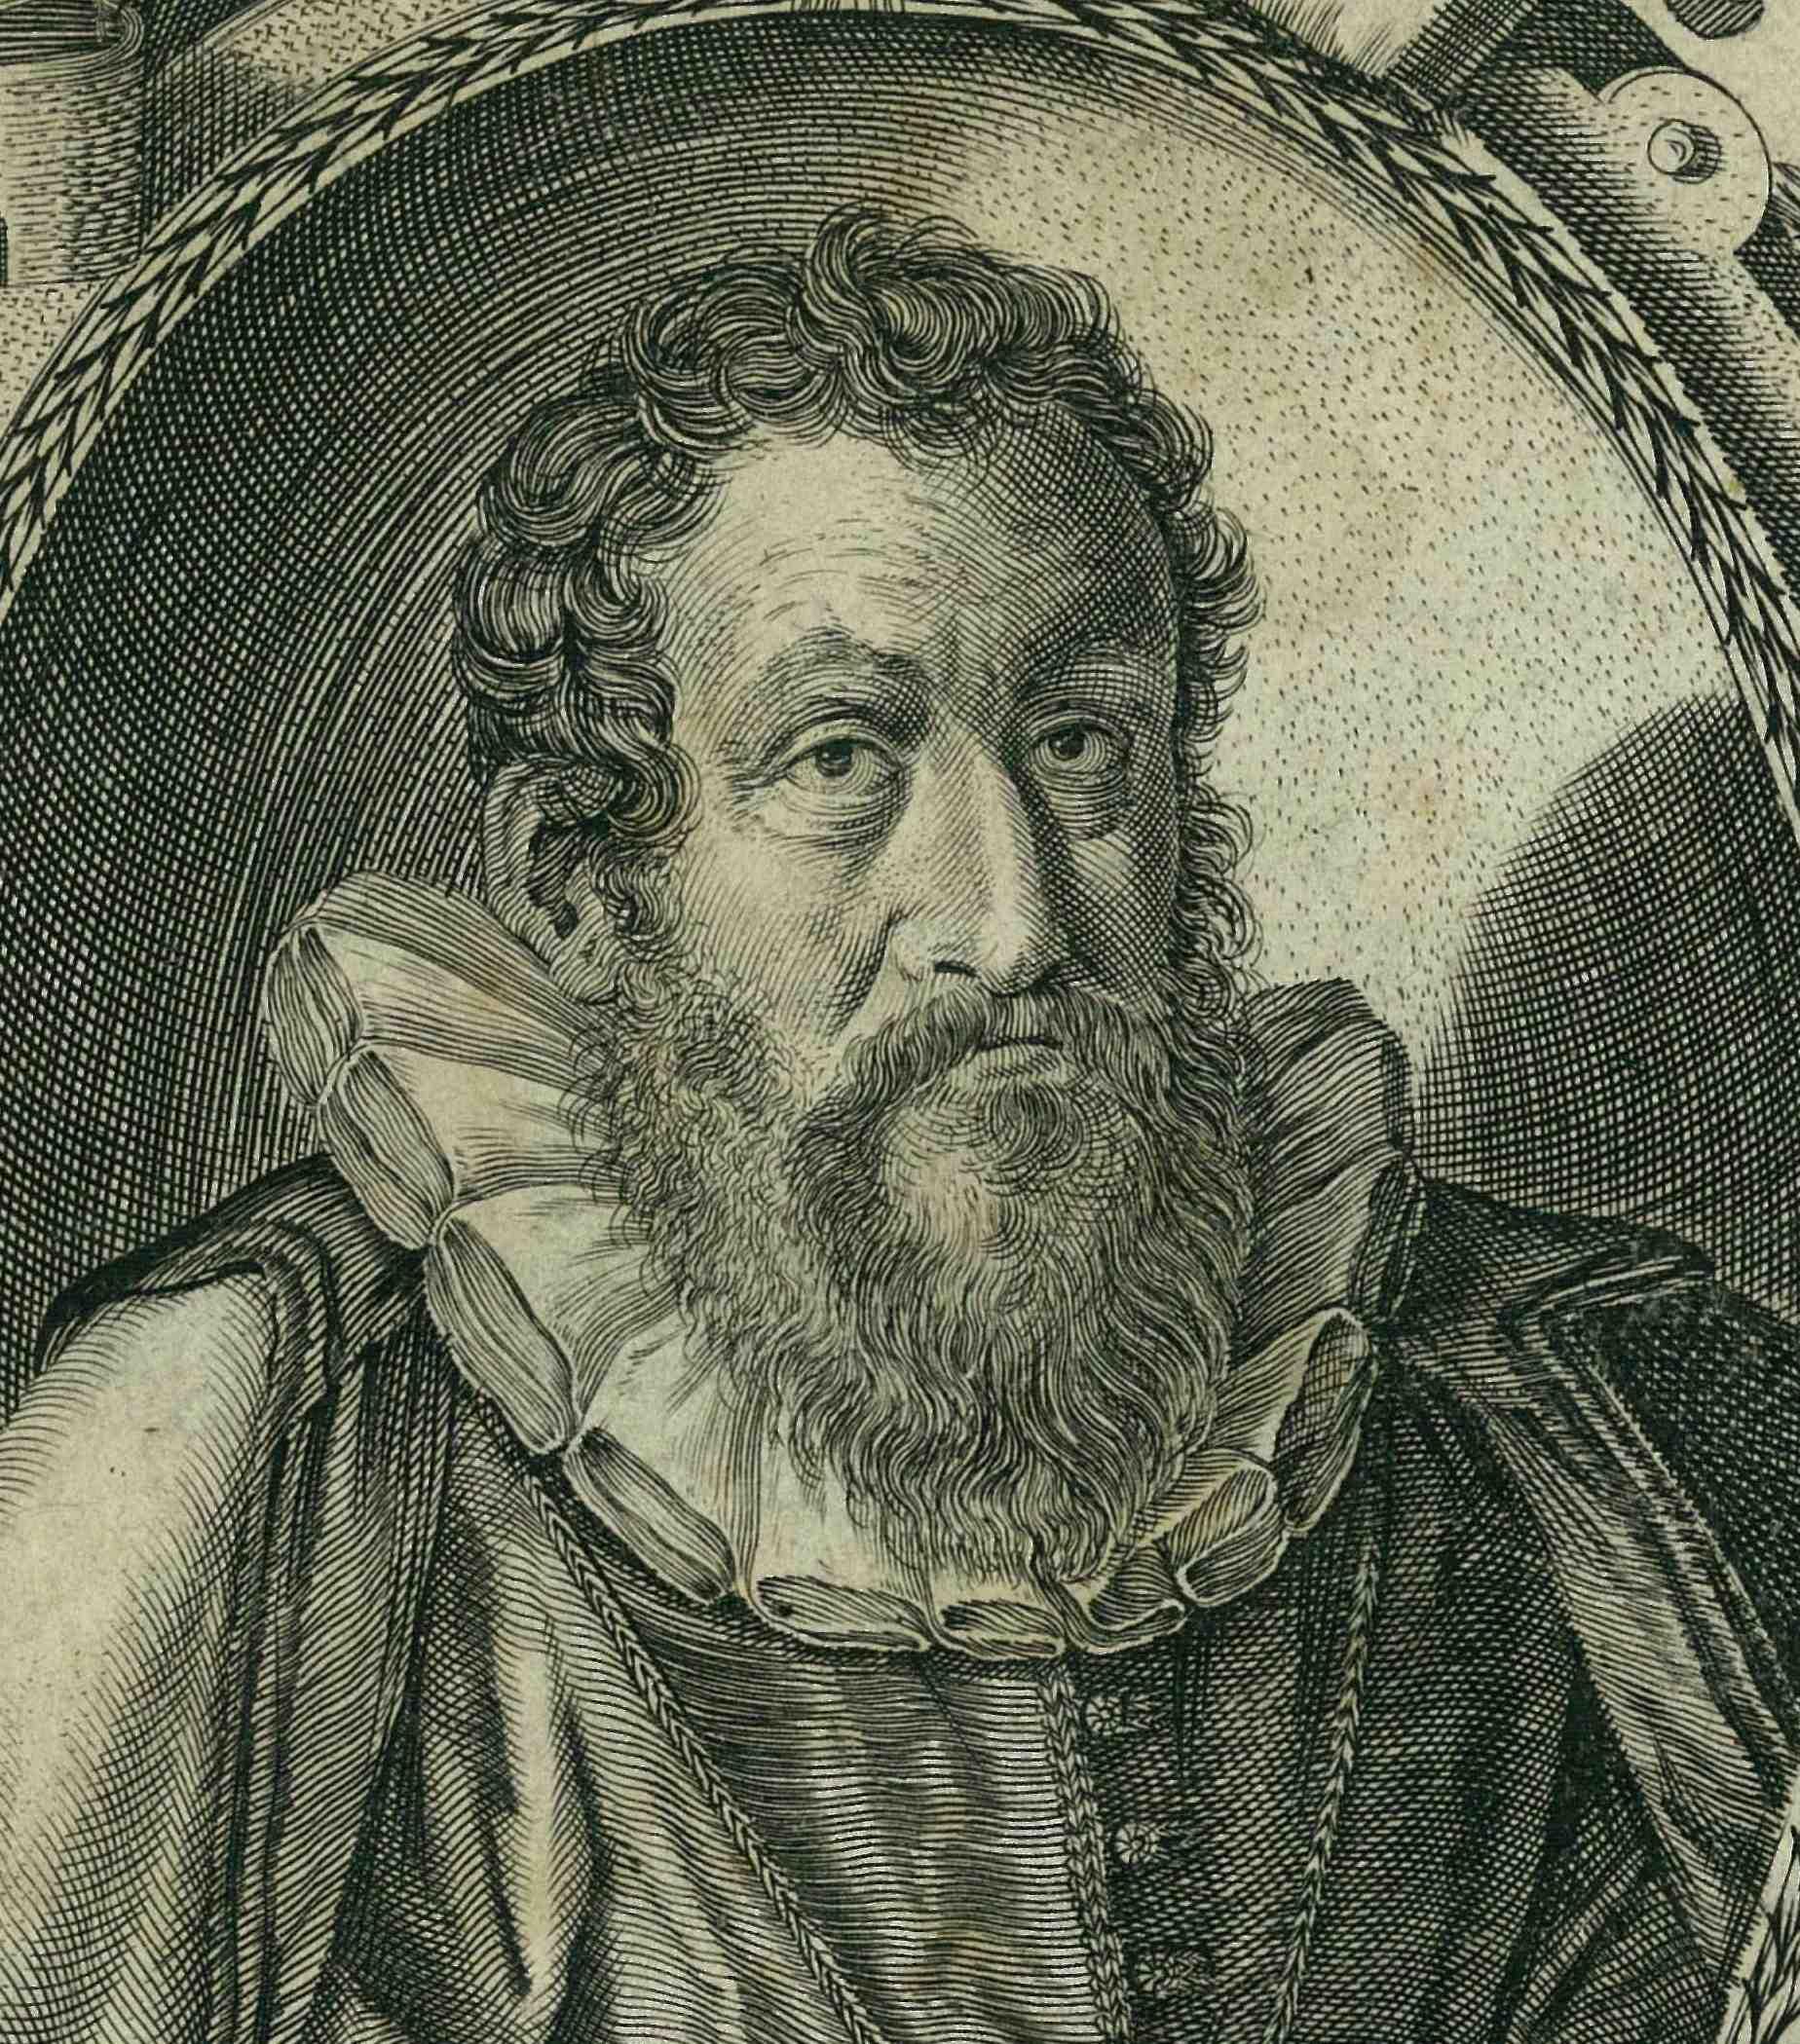 Was Girolamo Cardano an inspiration for Shakespeare's ...